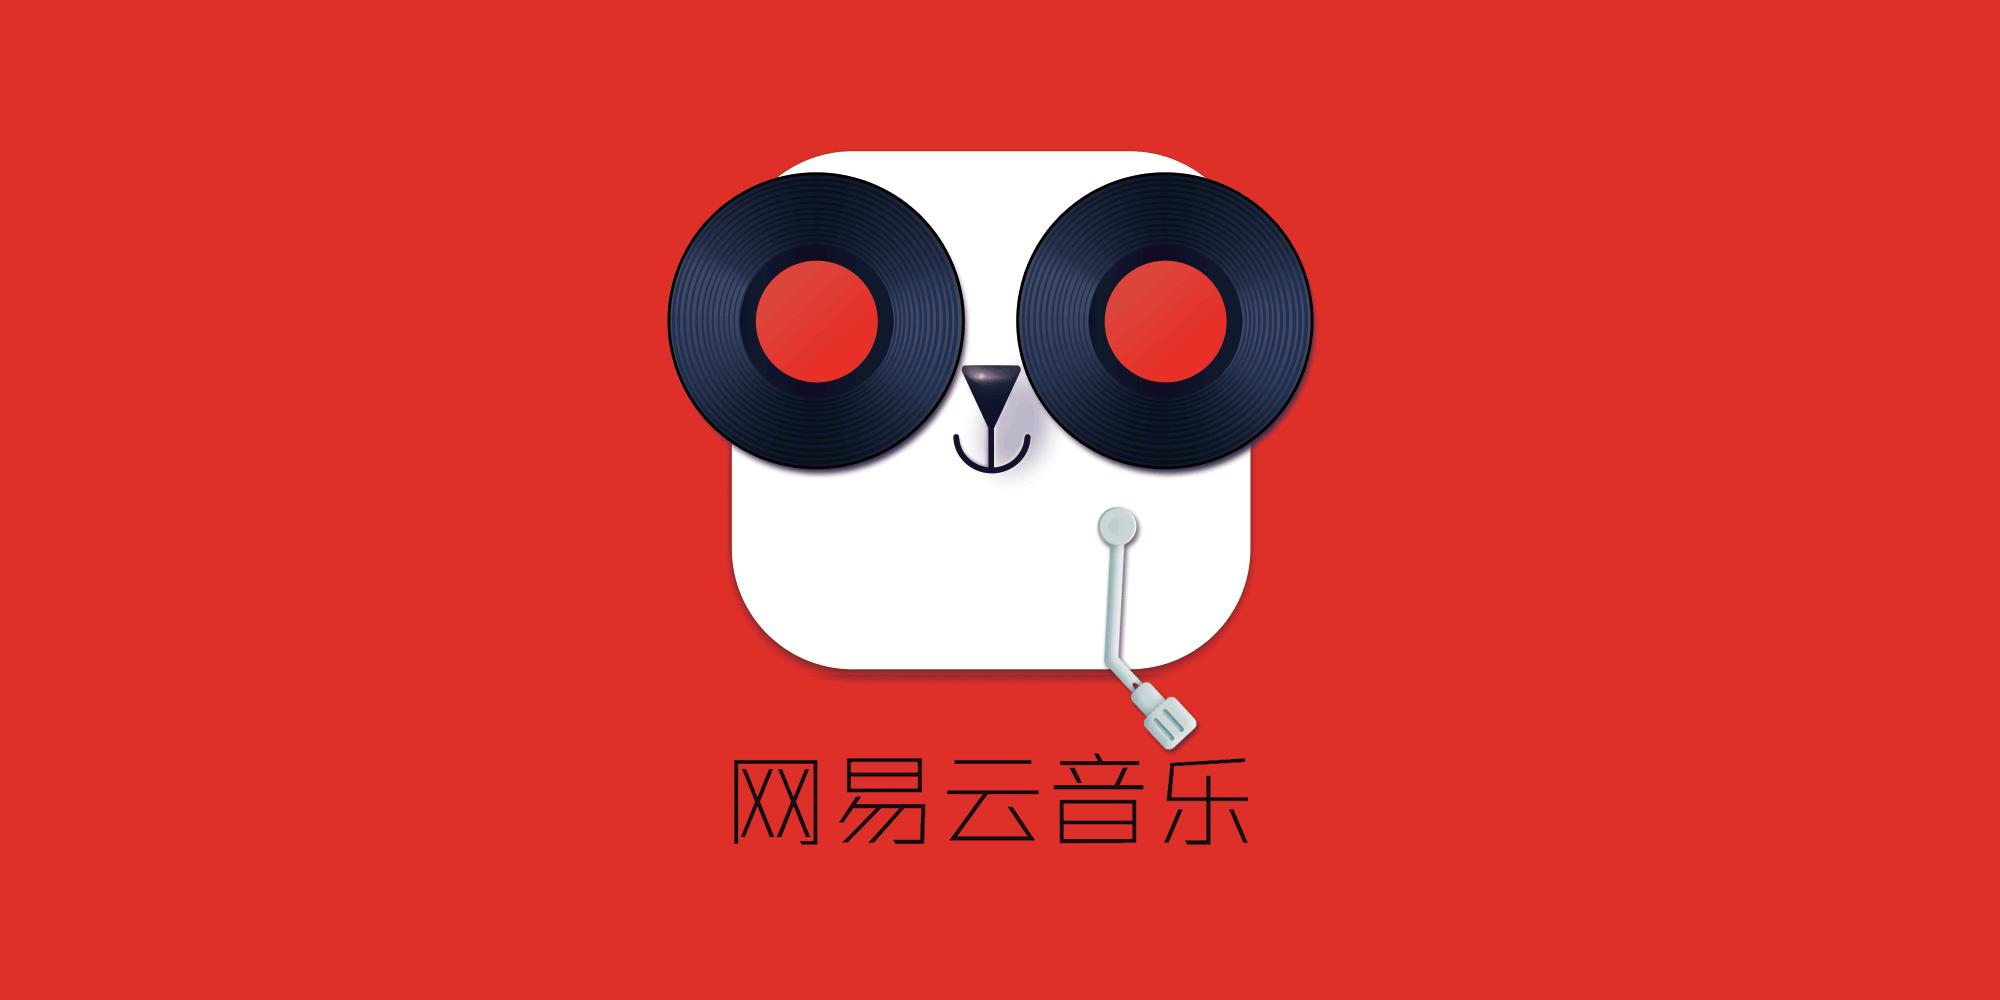 【资源分享】网易云音乐最新版模块适配